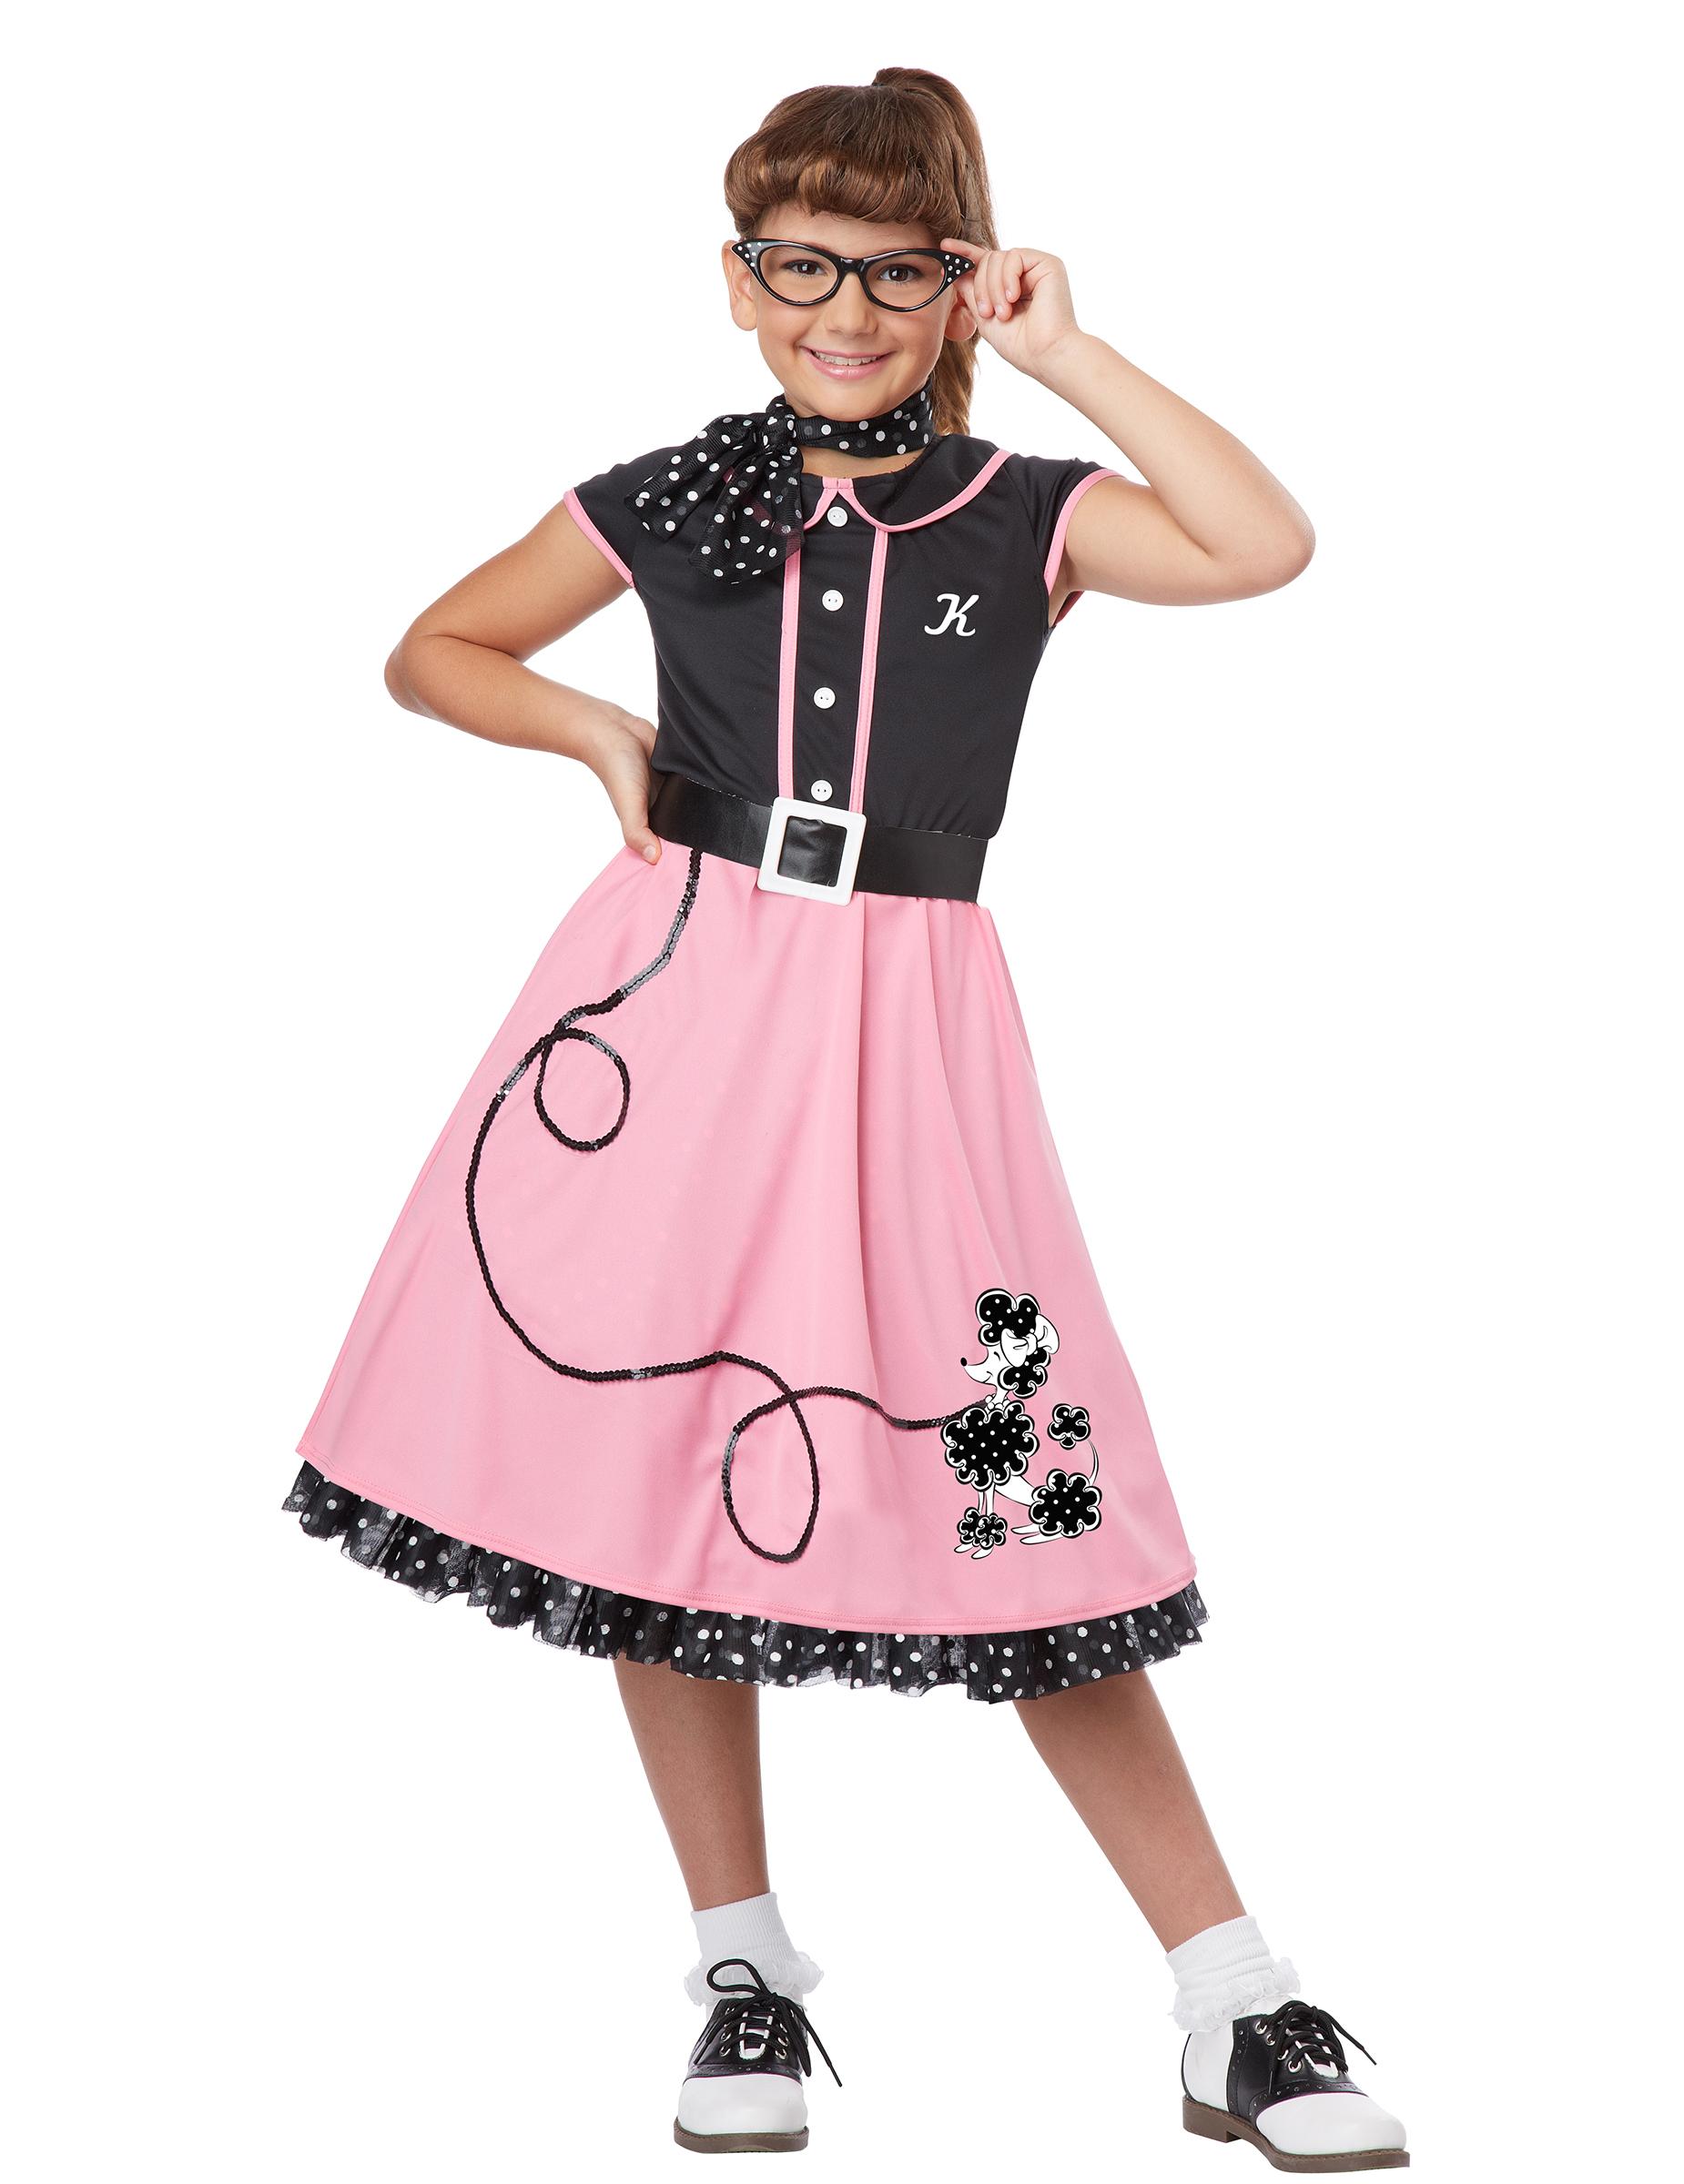 tolles 50er jahre outfit ksot m f r m dchen mit stickern. Black Bedroom Furniture Sets. Home Design Ideas